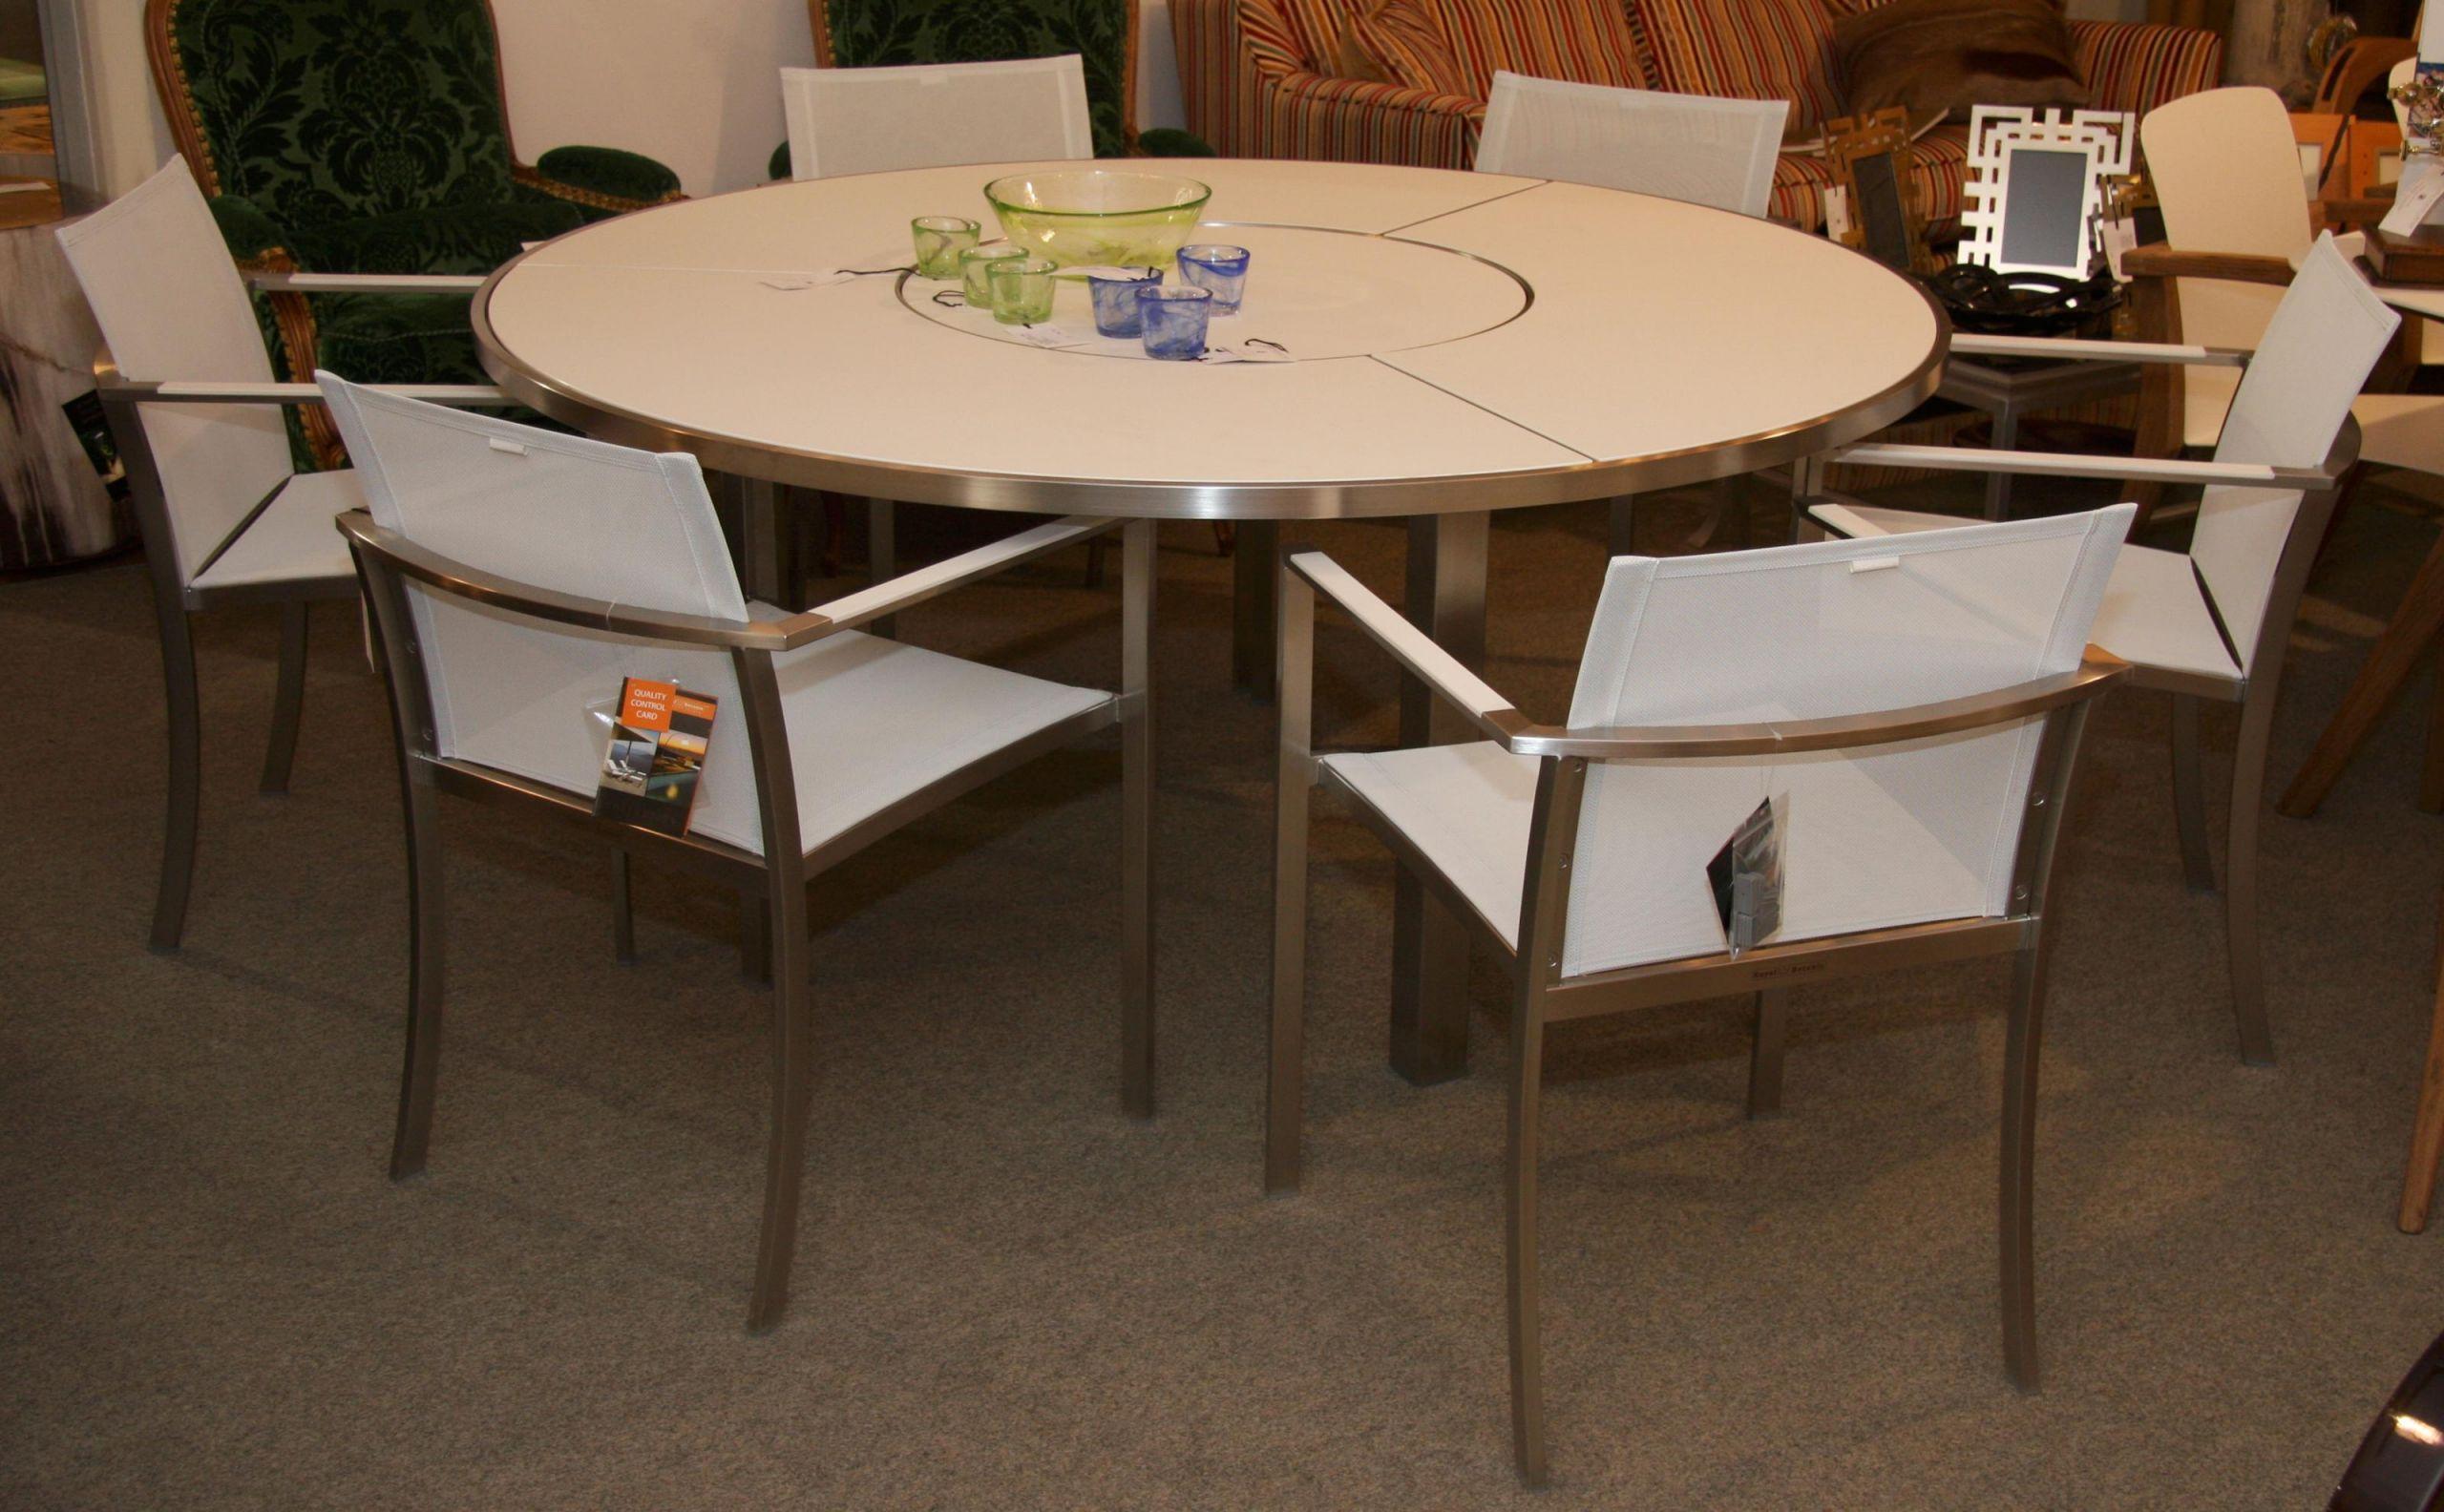 img original ensemble mobilier royal botania pour terrasse jardin pose une table ronde zon avec pietement neuf à inspirant conception conforama chaise pliante